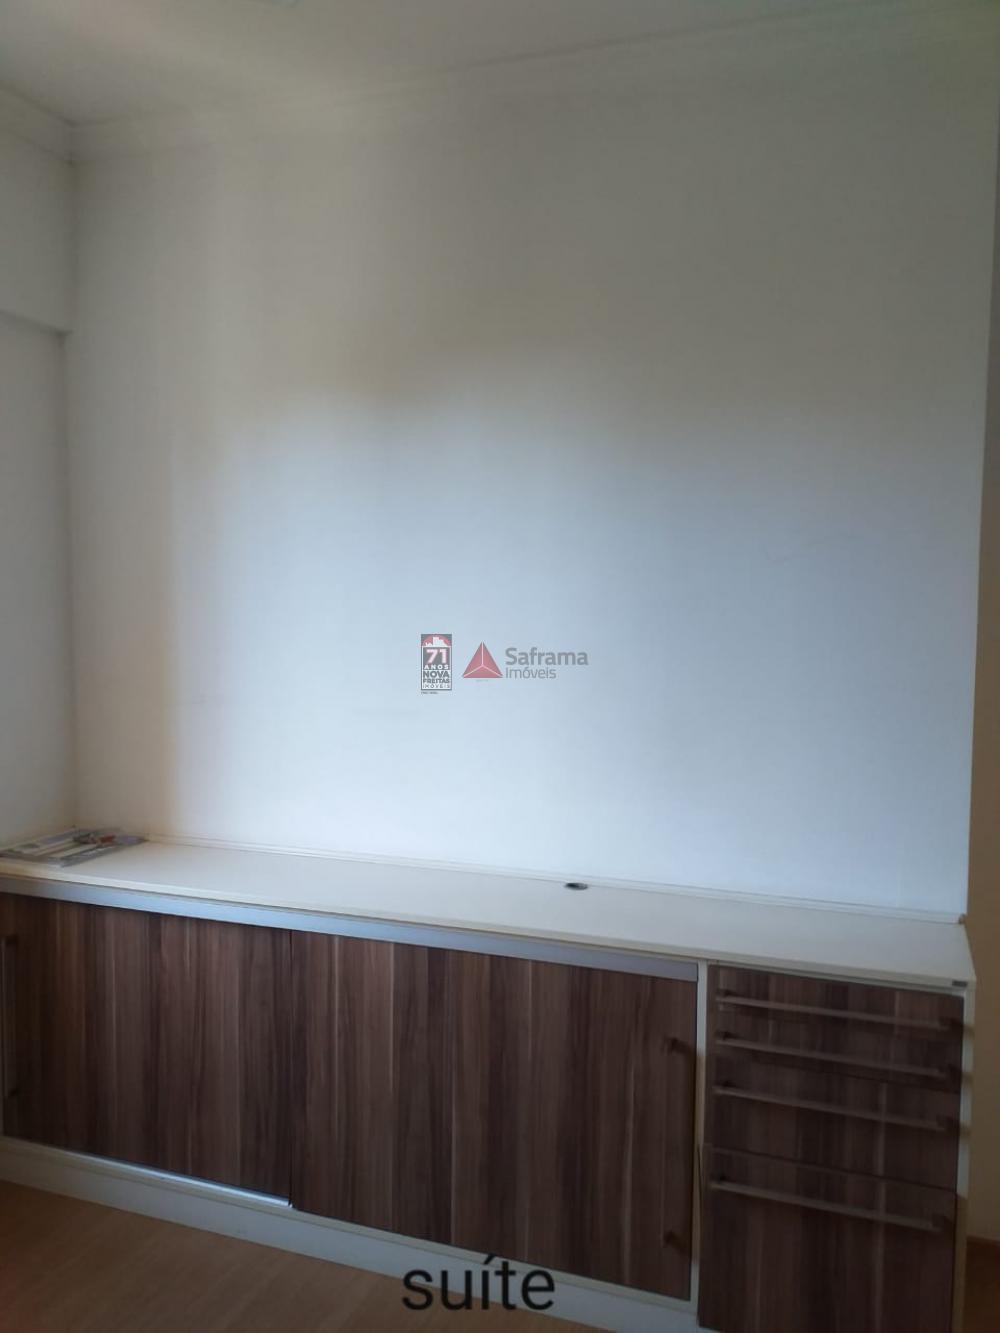 Comprar Apartamento / Padrão em São José dos Campos apenas R$ 550.000,00 - Foto 15